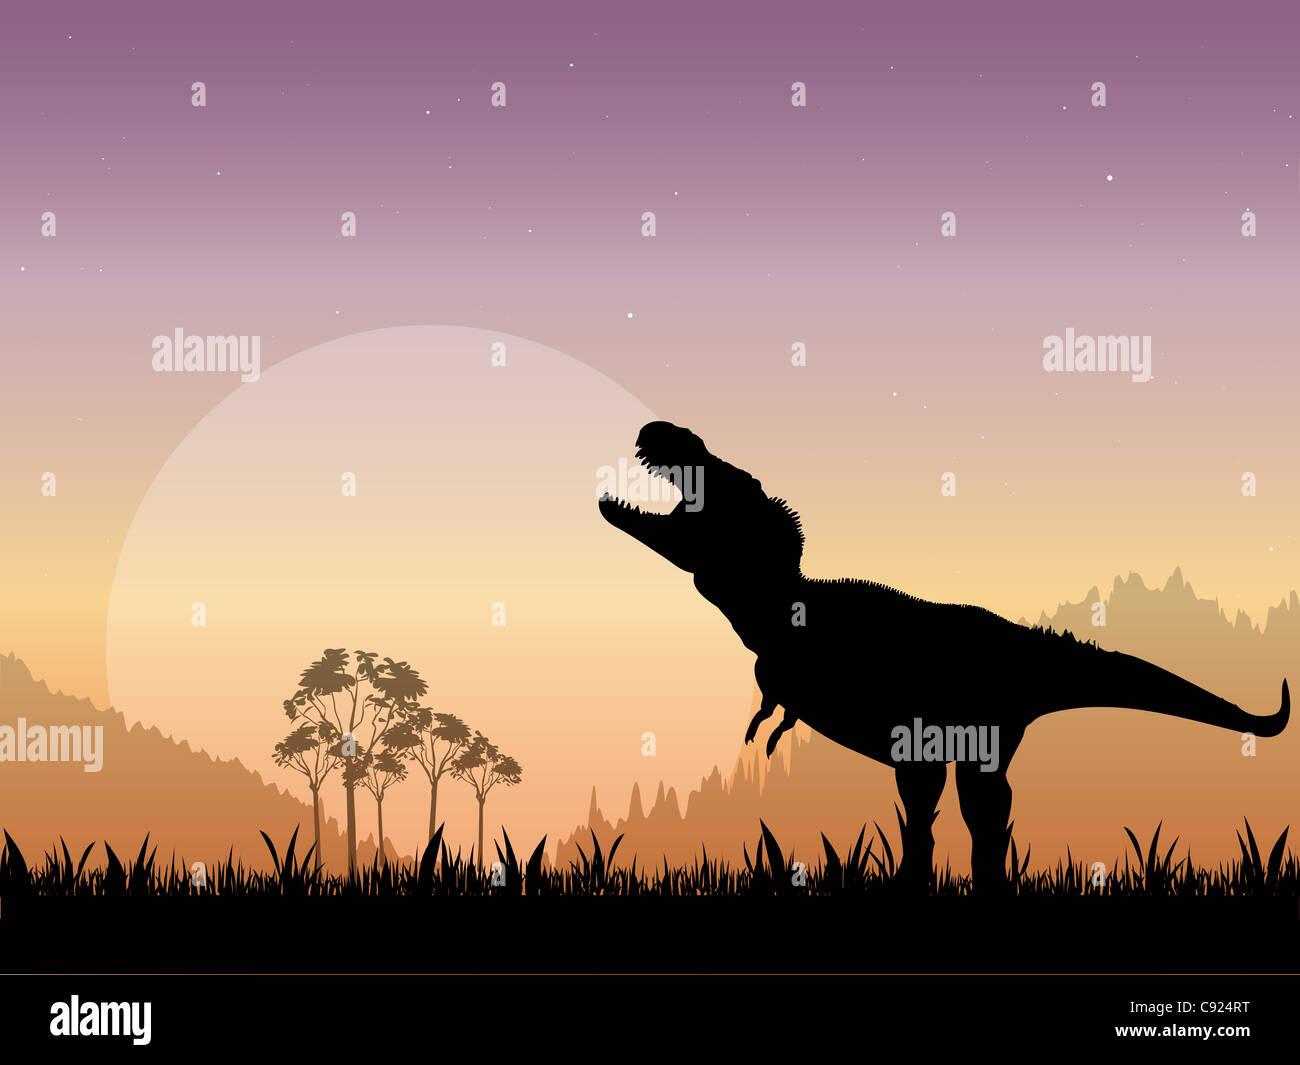 La silueta de un tiranosaurio rex rugiendo en frente de una aburrida luna con una noche estrellada como telón de Foto de stock